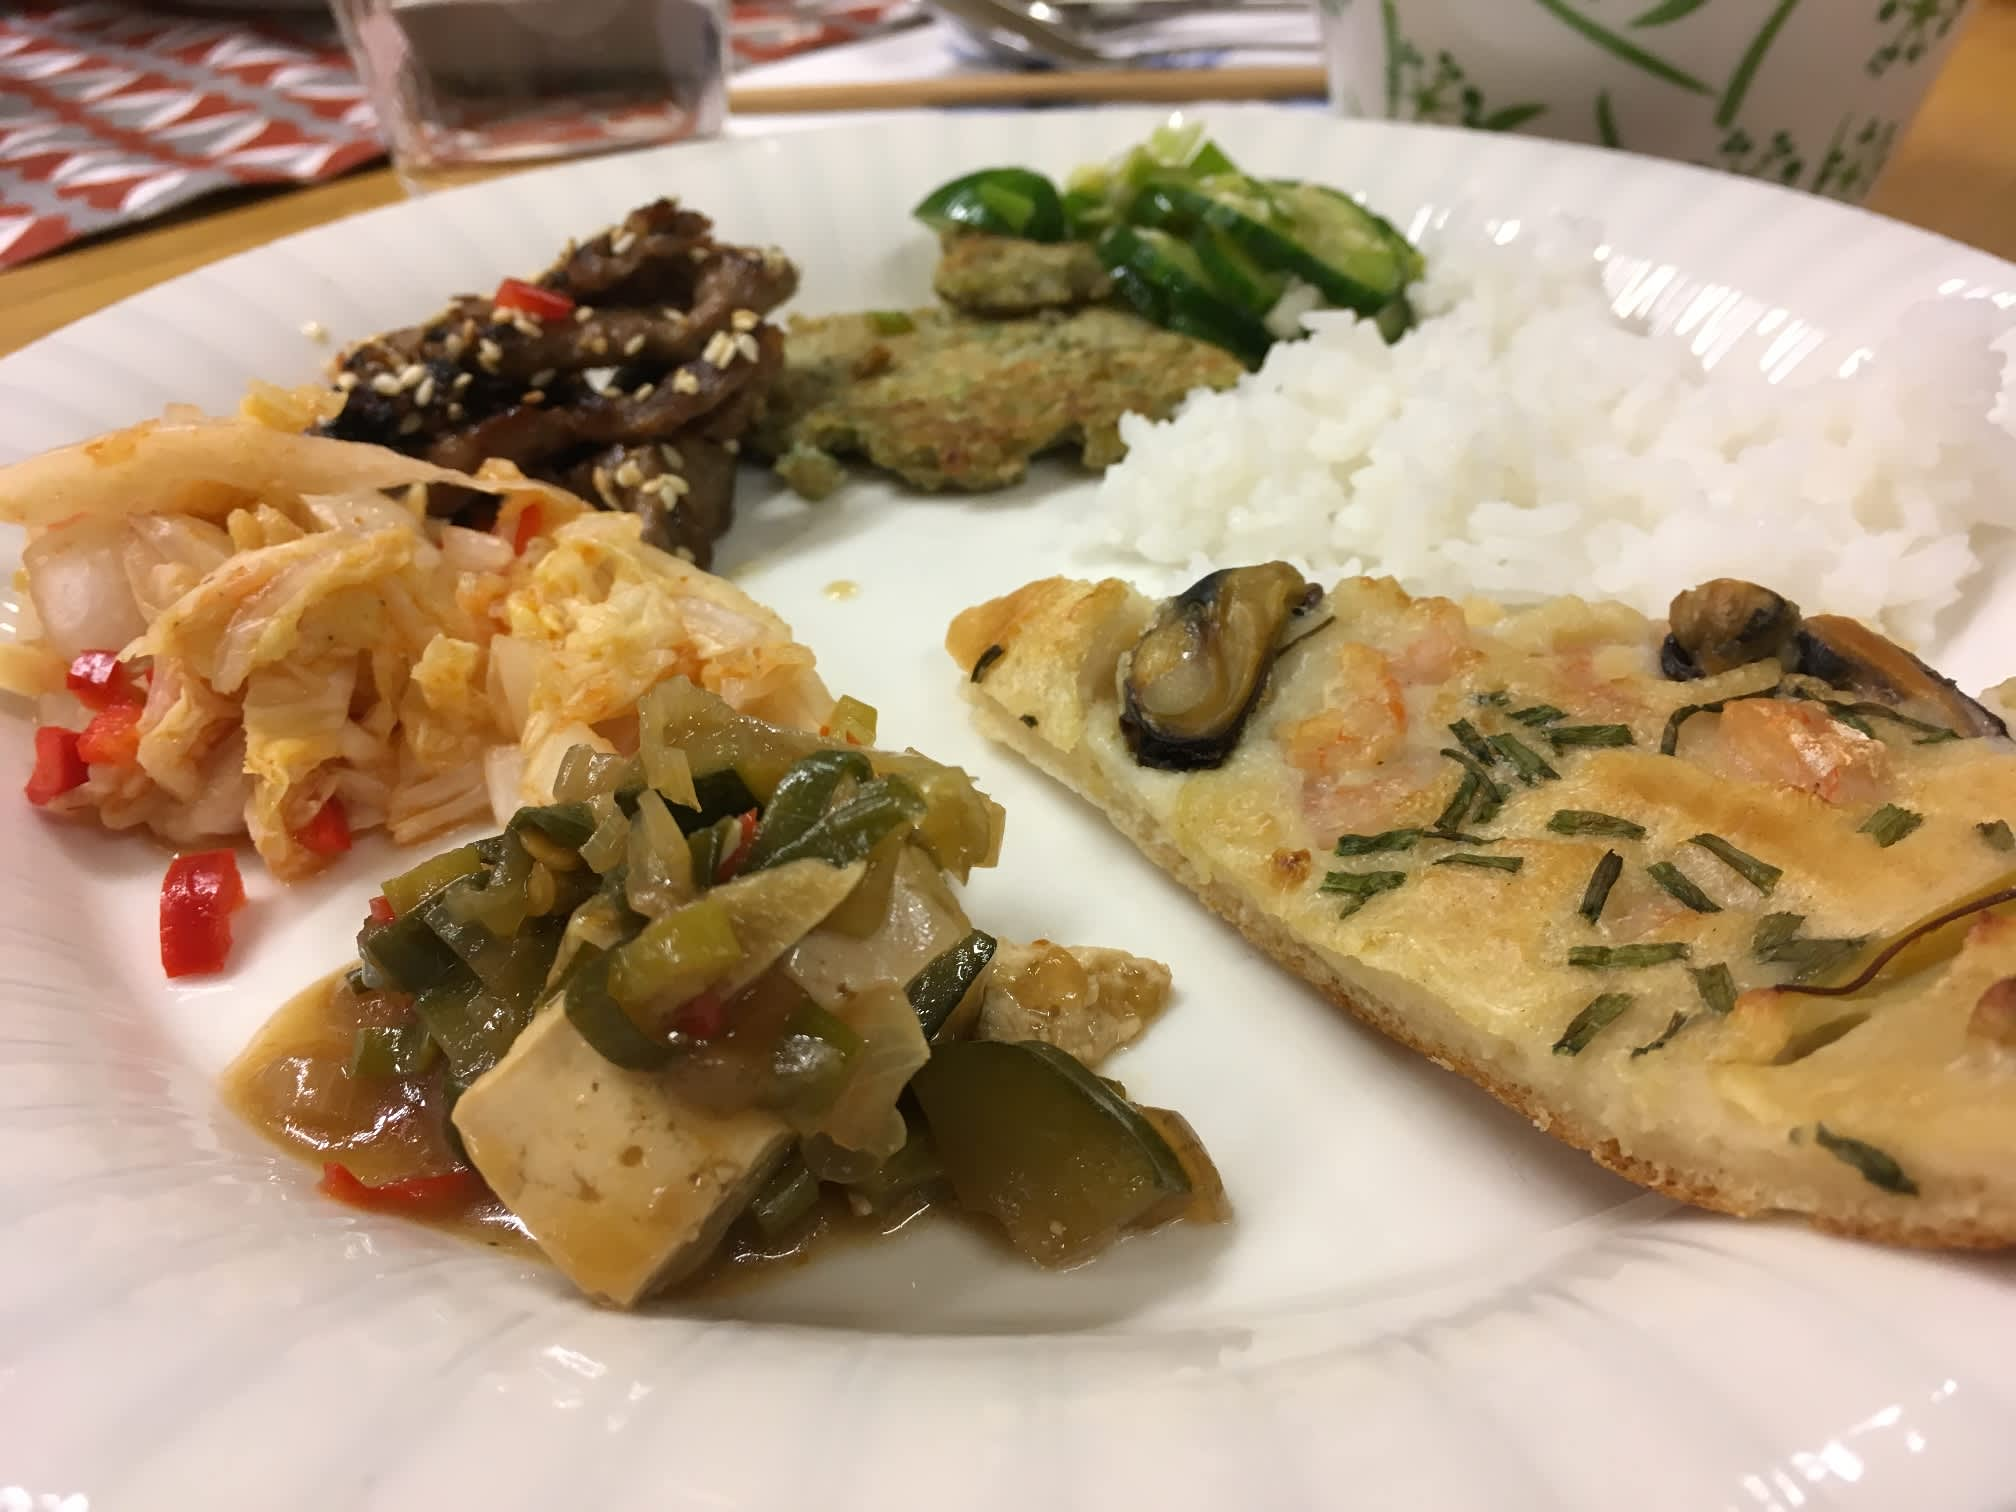 Korealaista ruokaa lautasella.